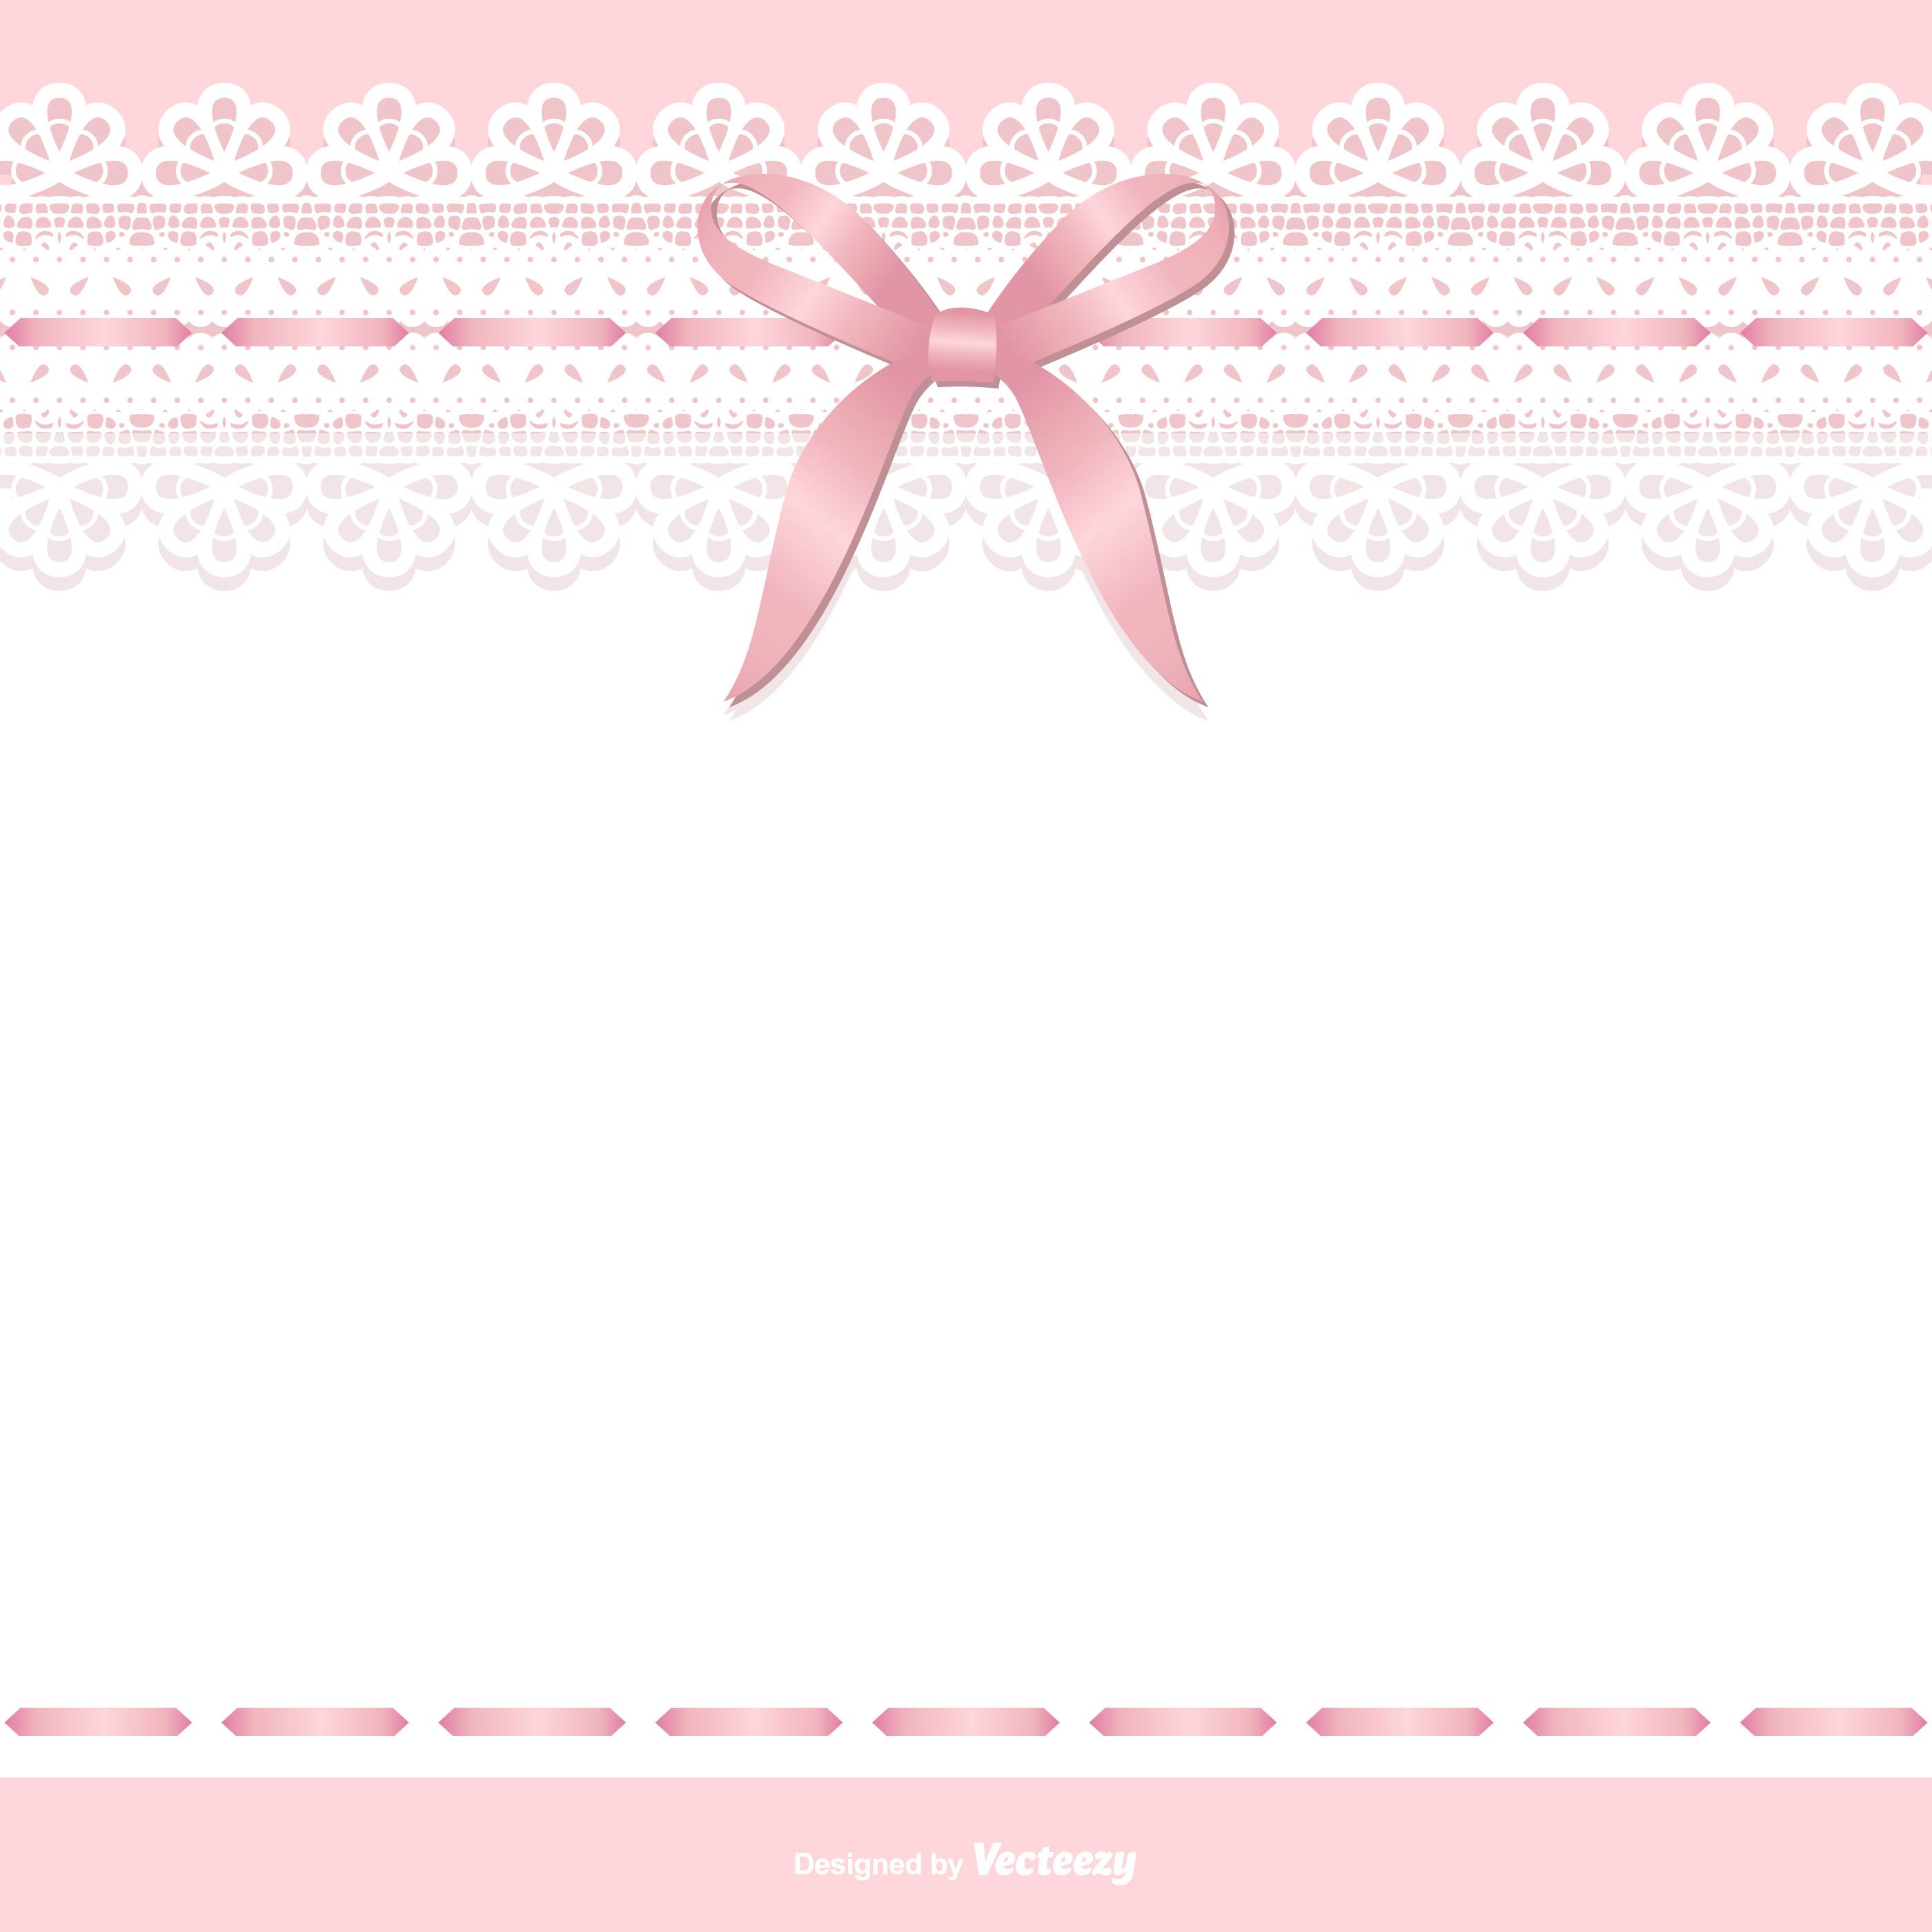 Plantilla de boda hermosa liga de la novia - Descargue Gráficos y ...